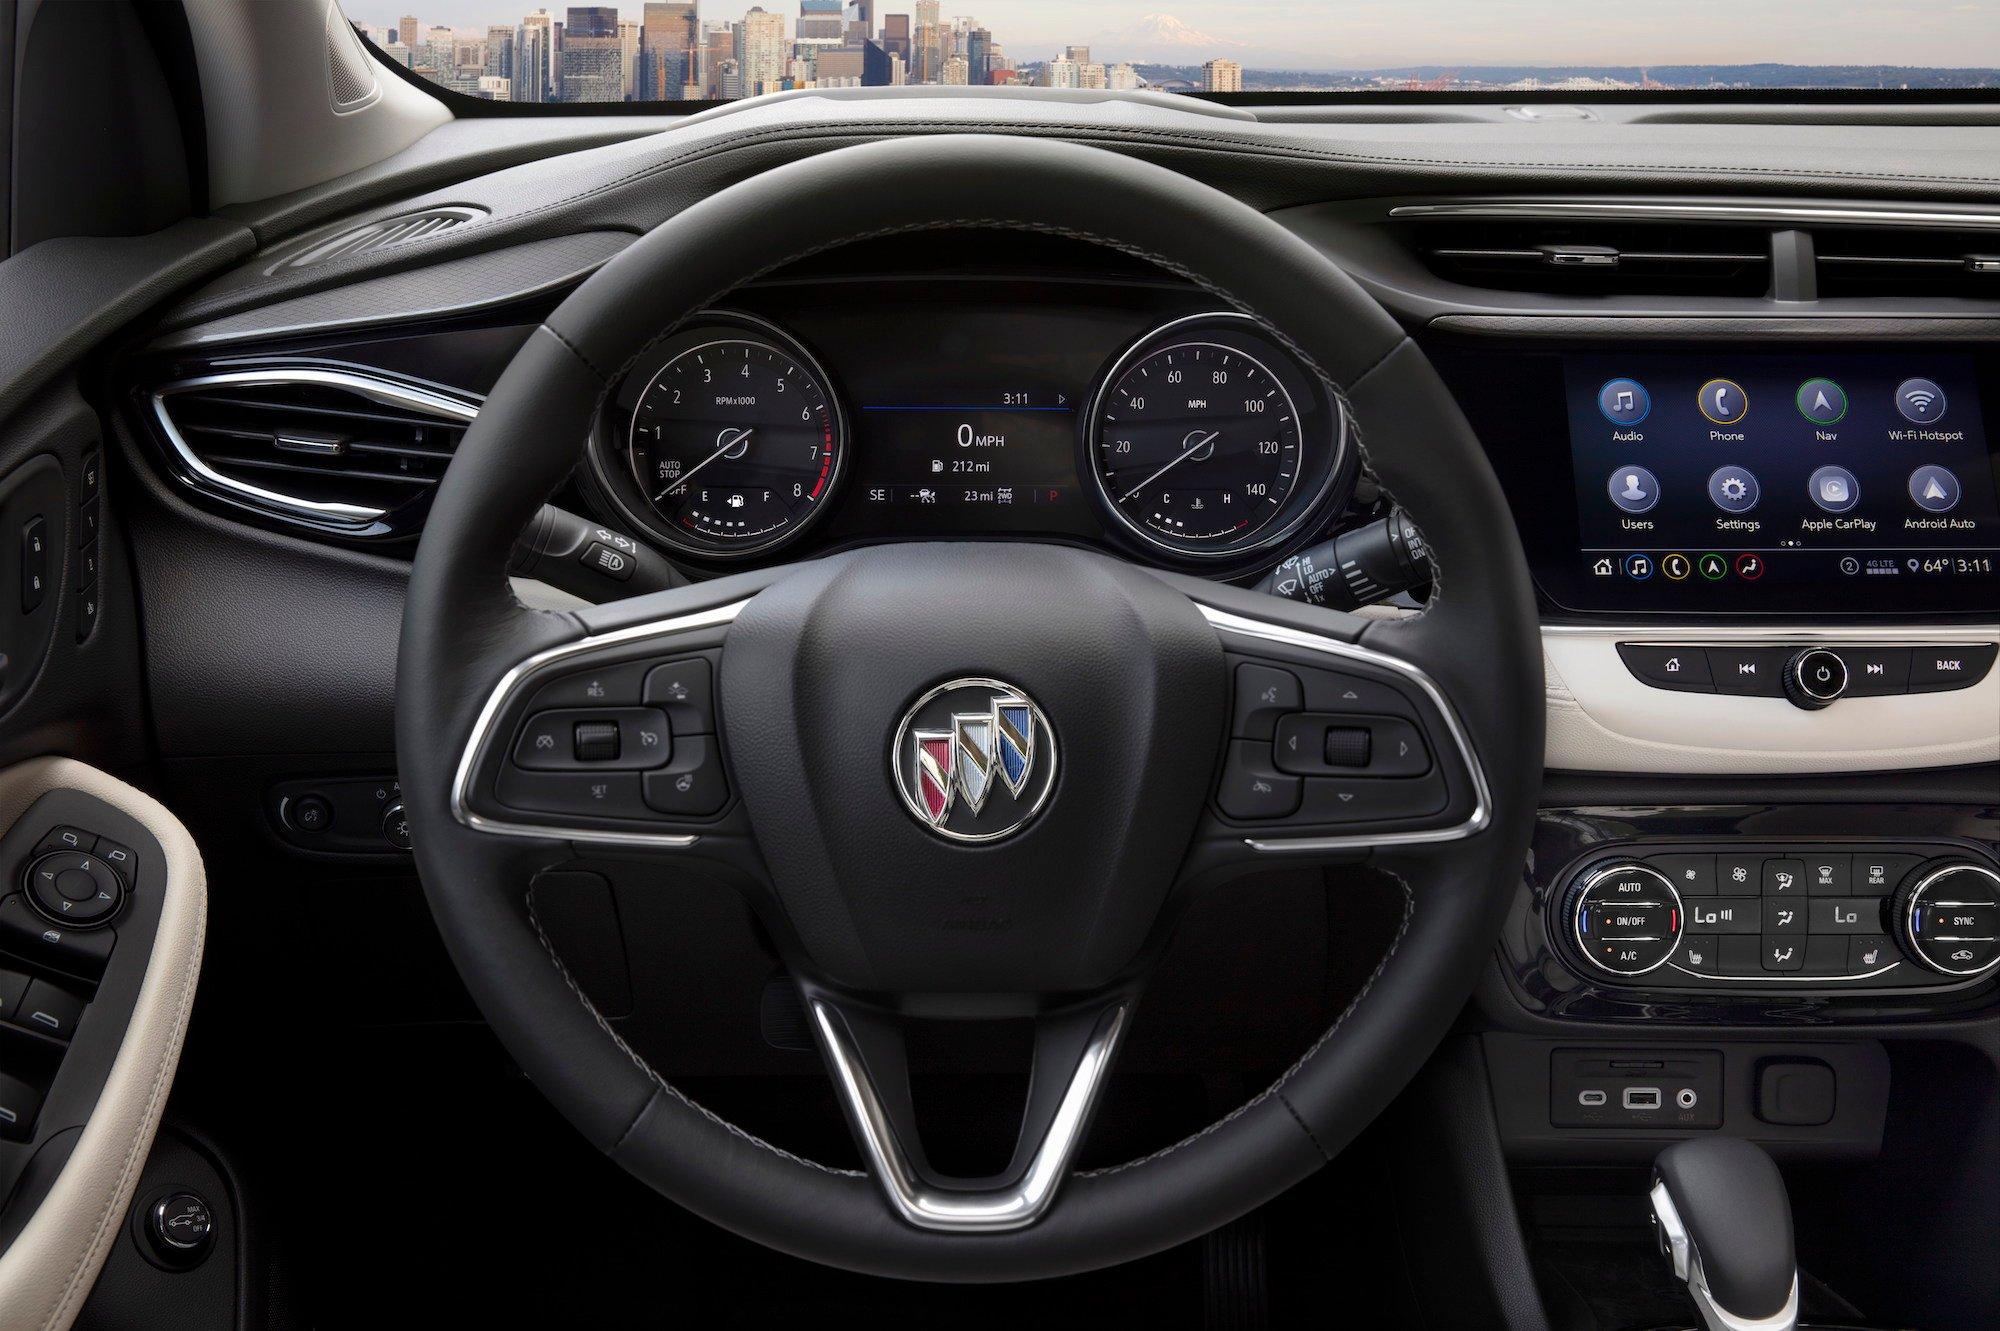 2021-Buick-Encore-GX-steering-wheel-credit-Buick